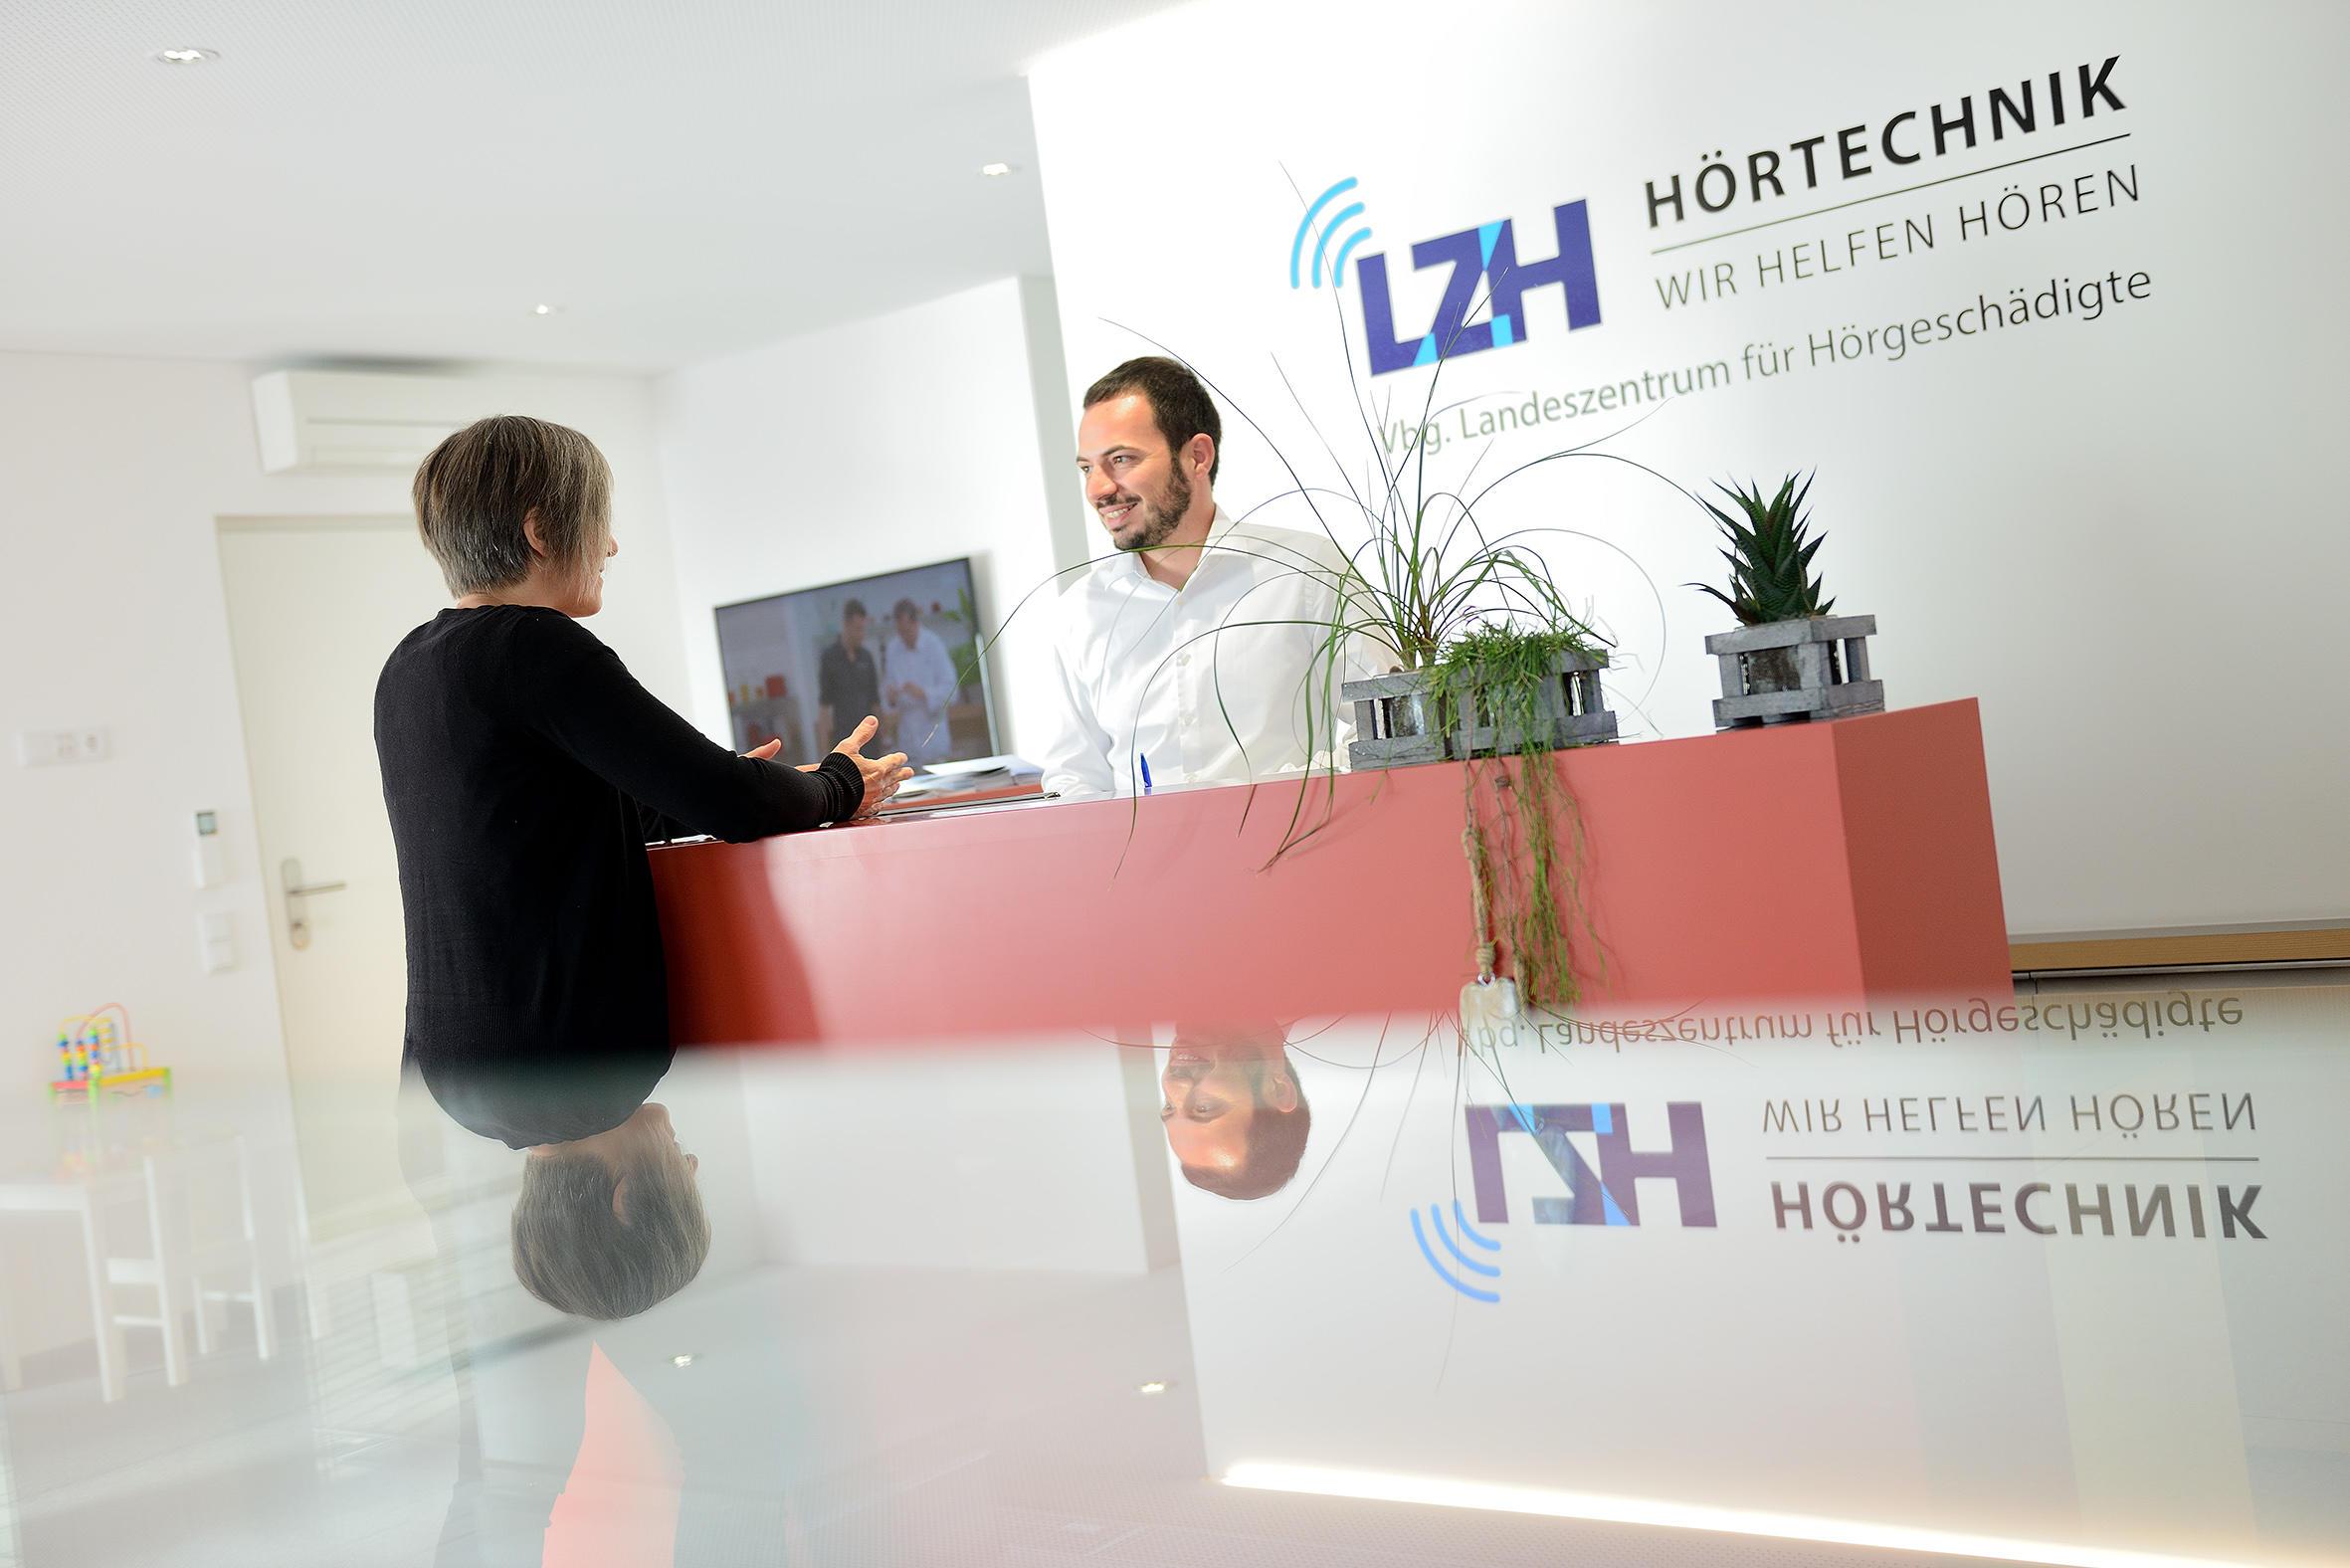 LZH Hörtechnik GmbH im Vbg. Landeszentrum für Hörgeschädigte